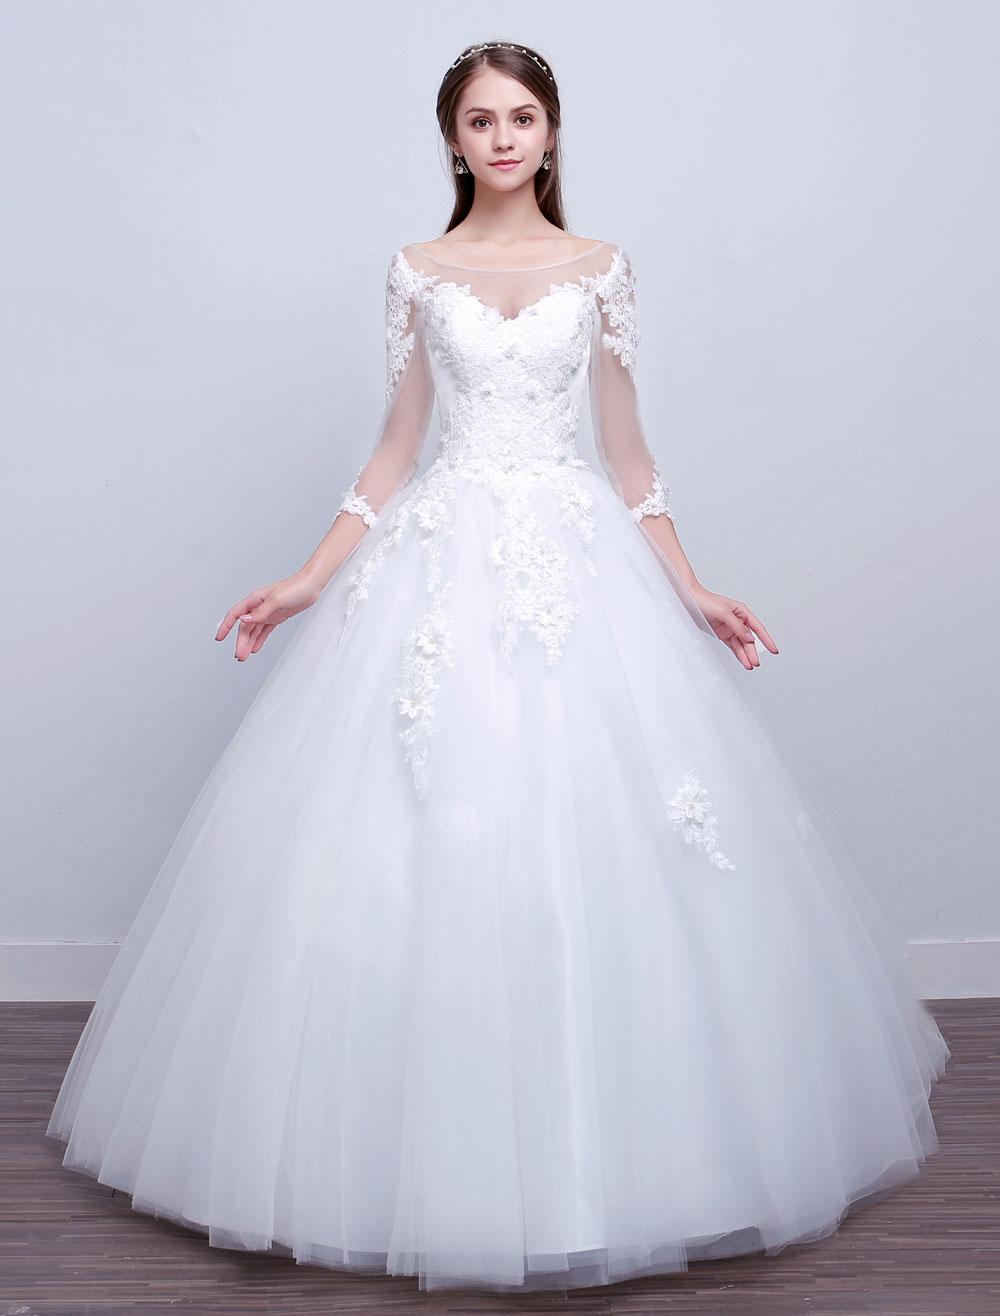 Vestidos de novia por menos de 100 dolares